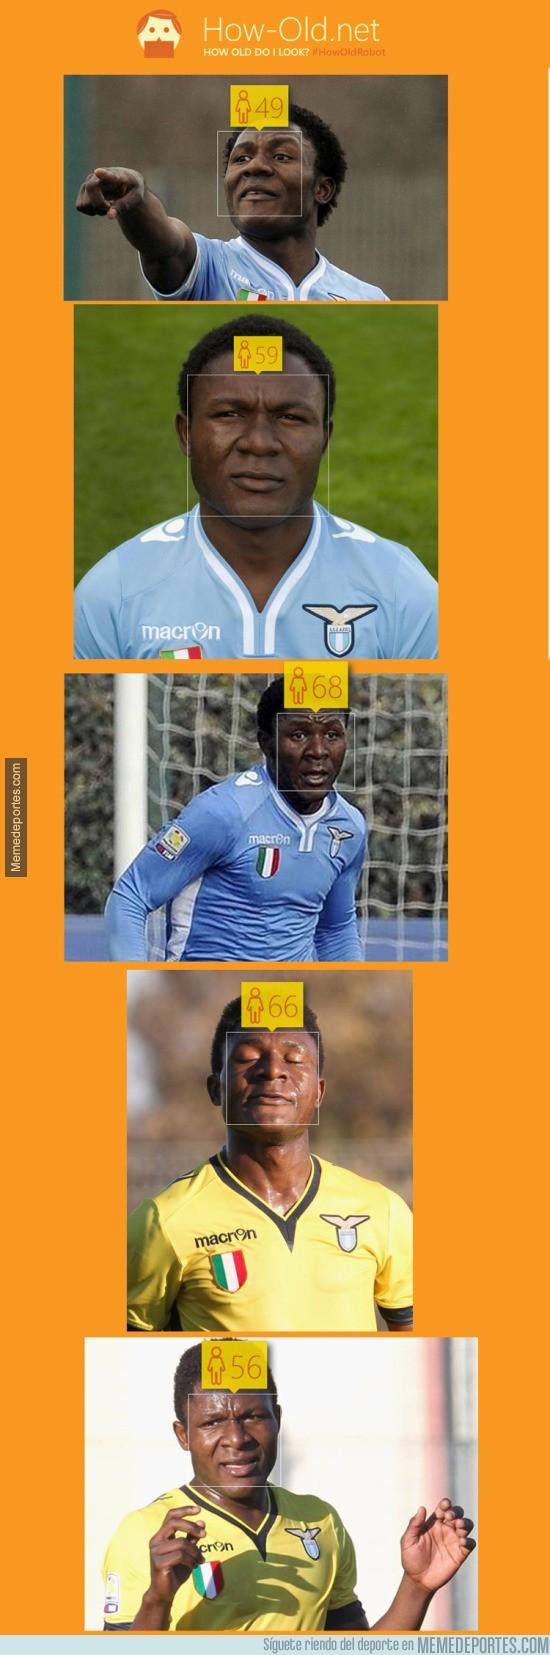 544349 - Si Messi tiene 39 y Cristiano 48, ¿cuántos tiene Minala?